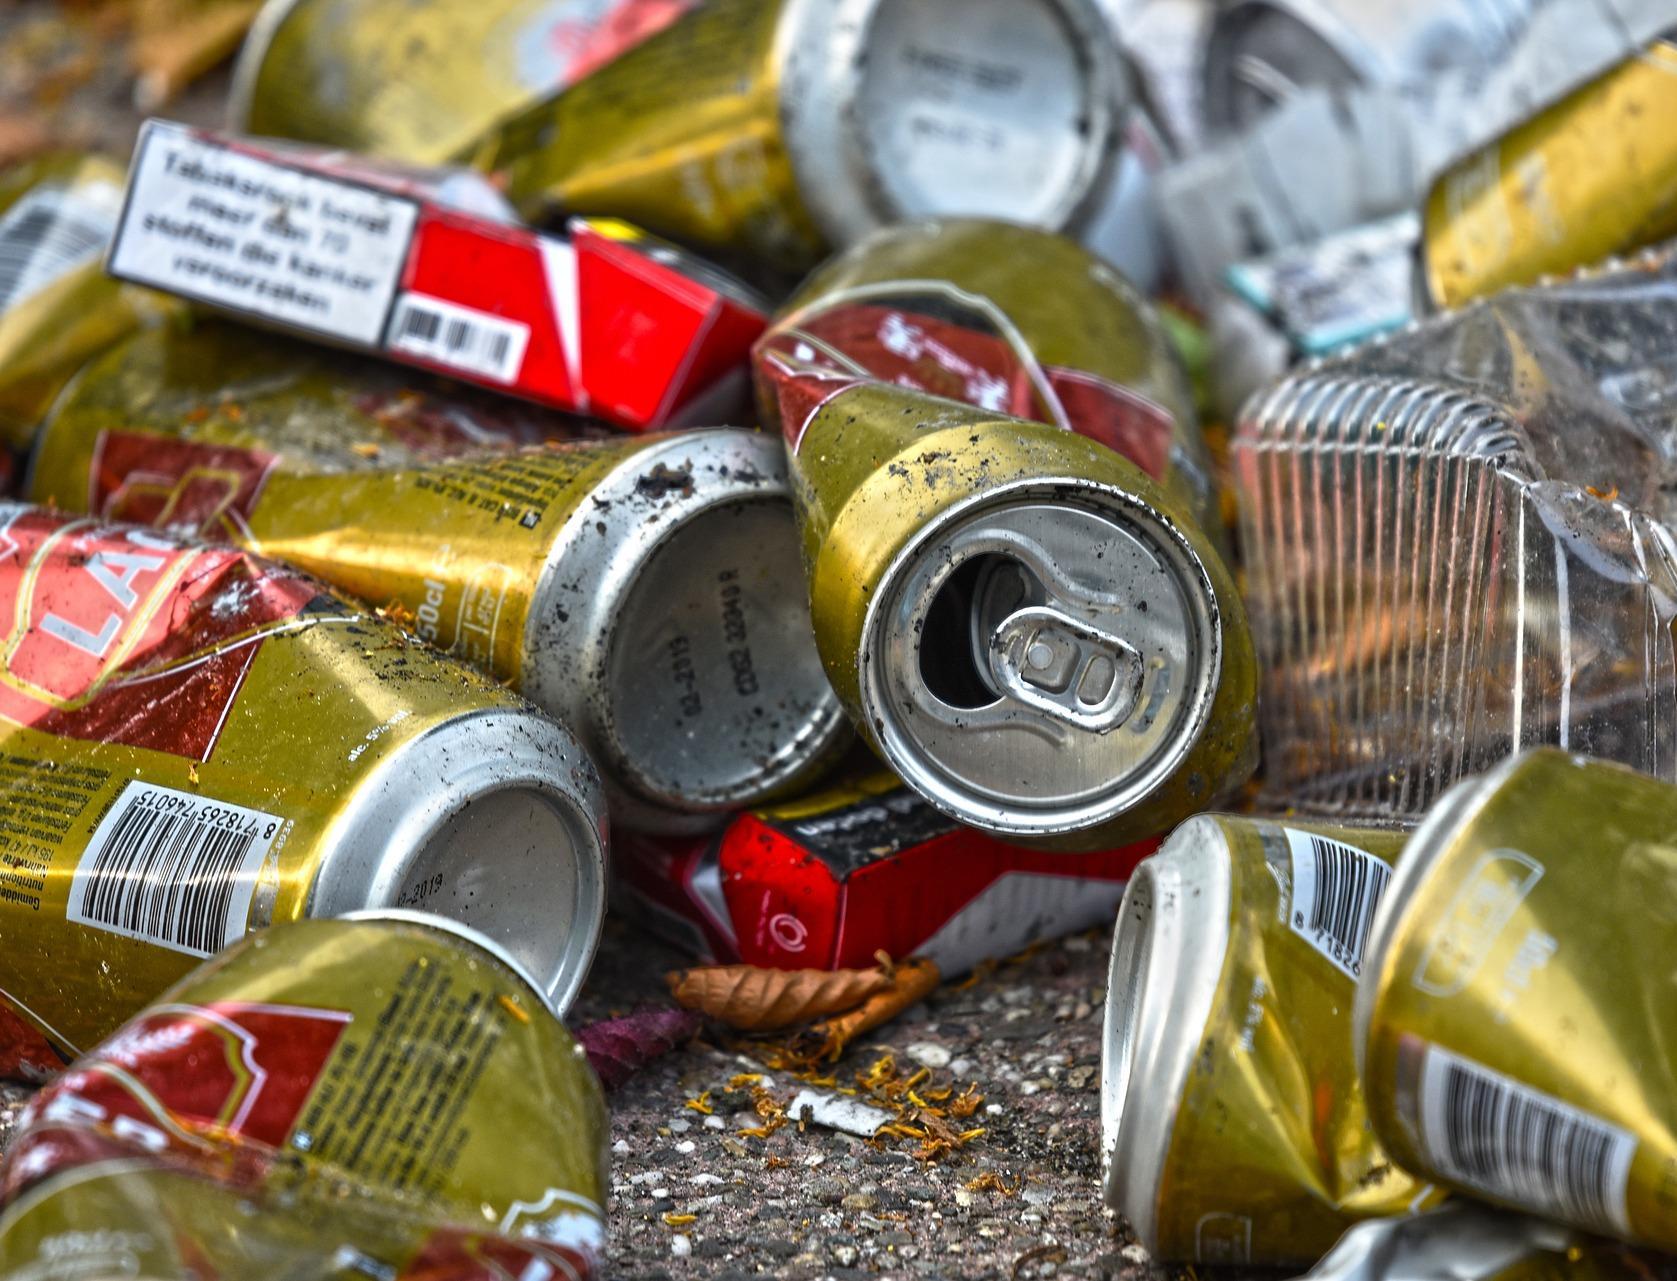 Исследование ГК ЭкоЛайн: какие отходы попадают на сортировочные комплексы Москвы